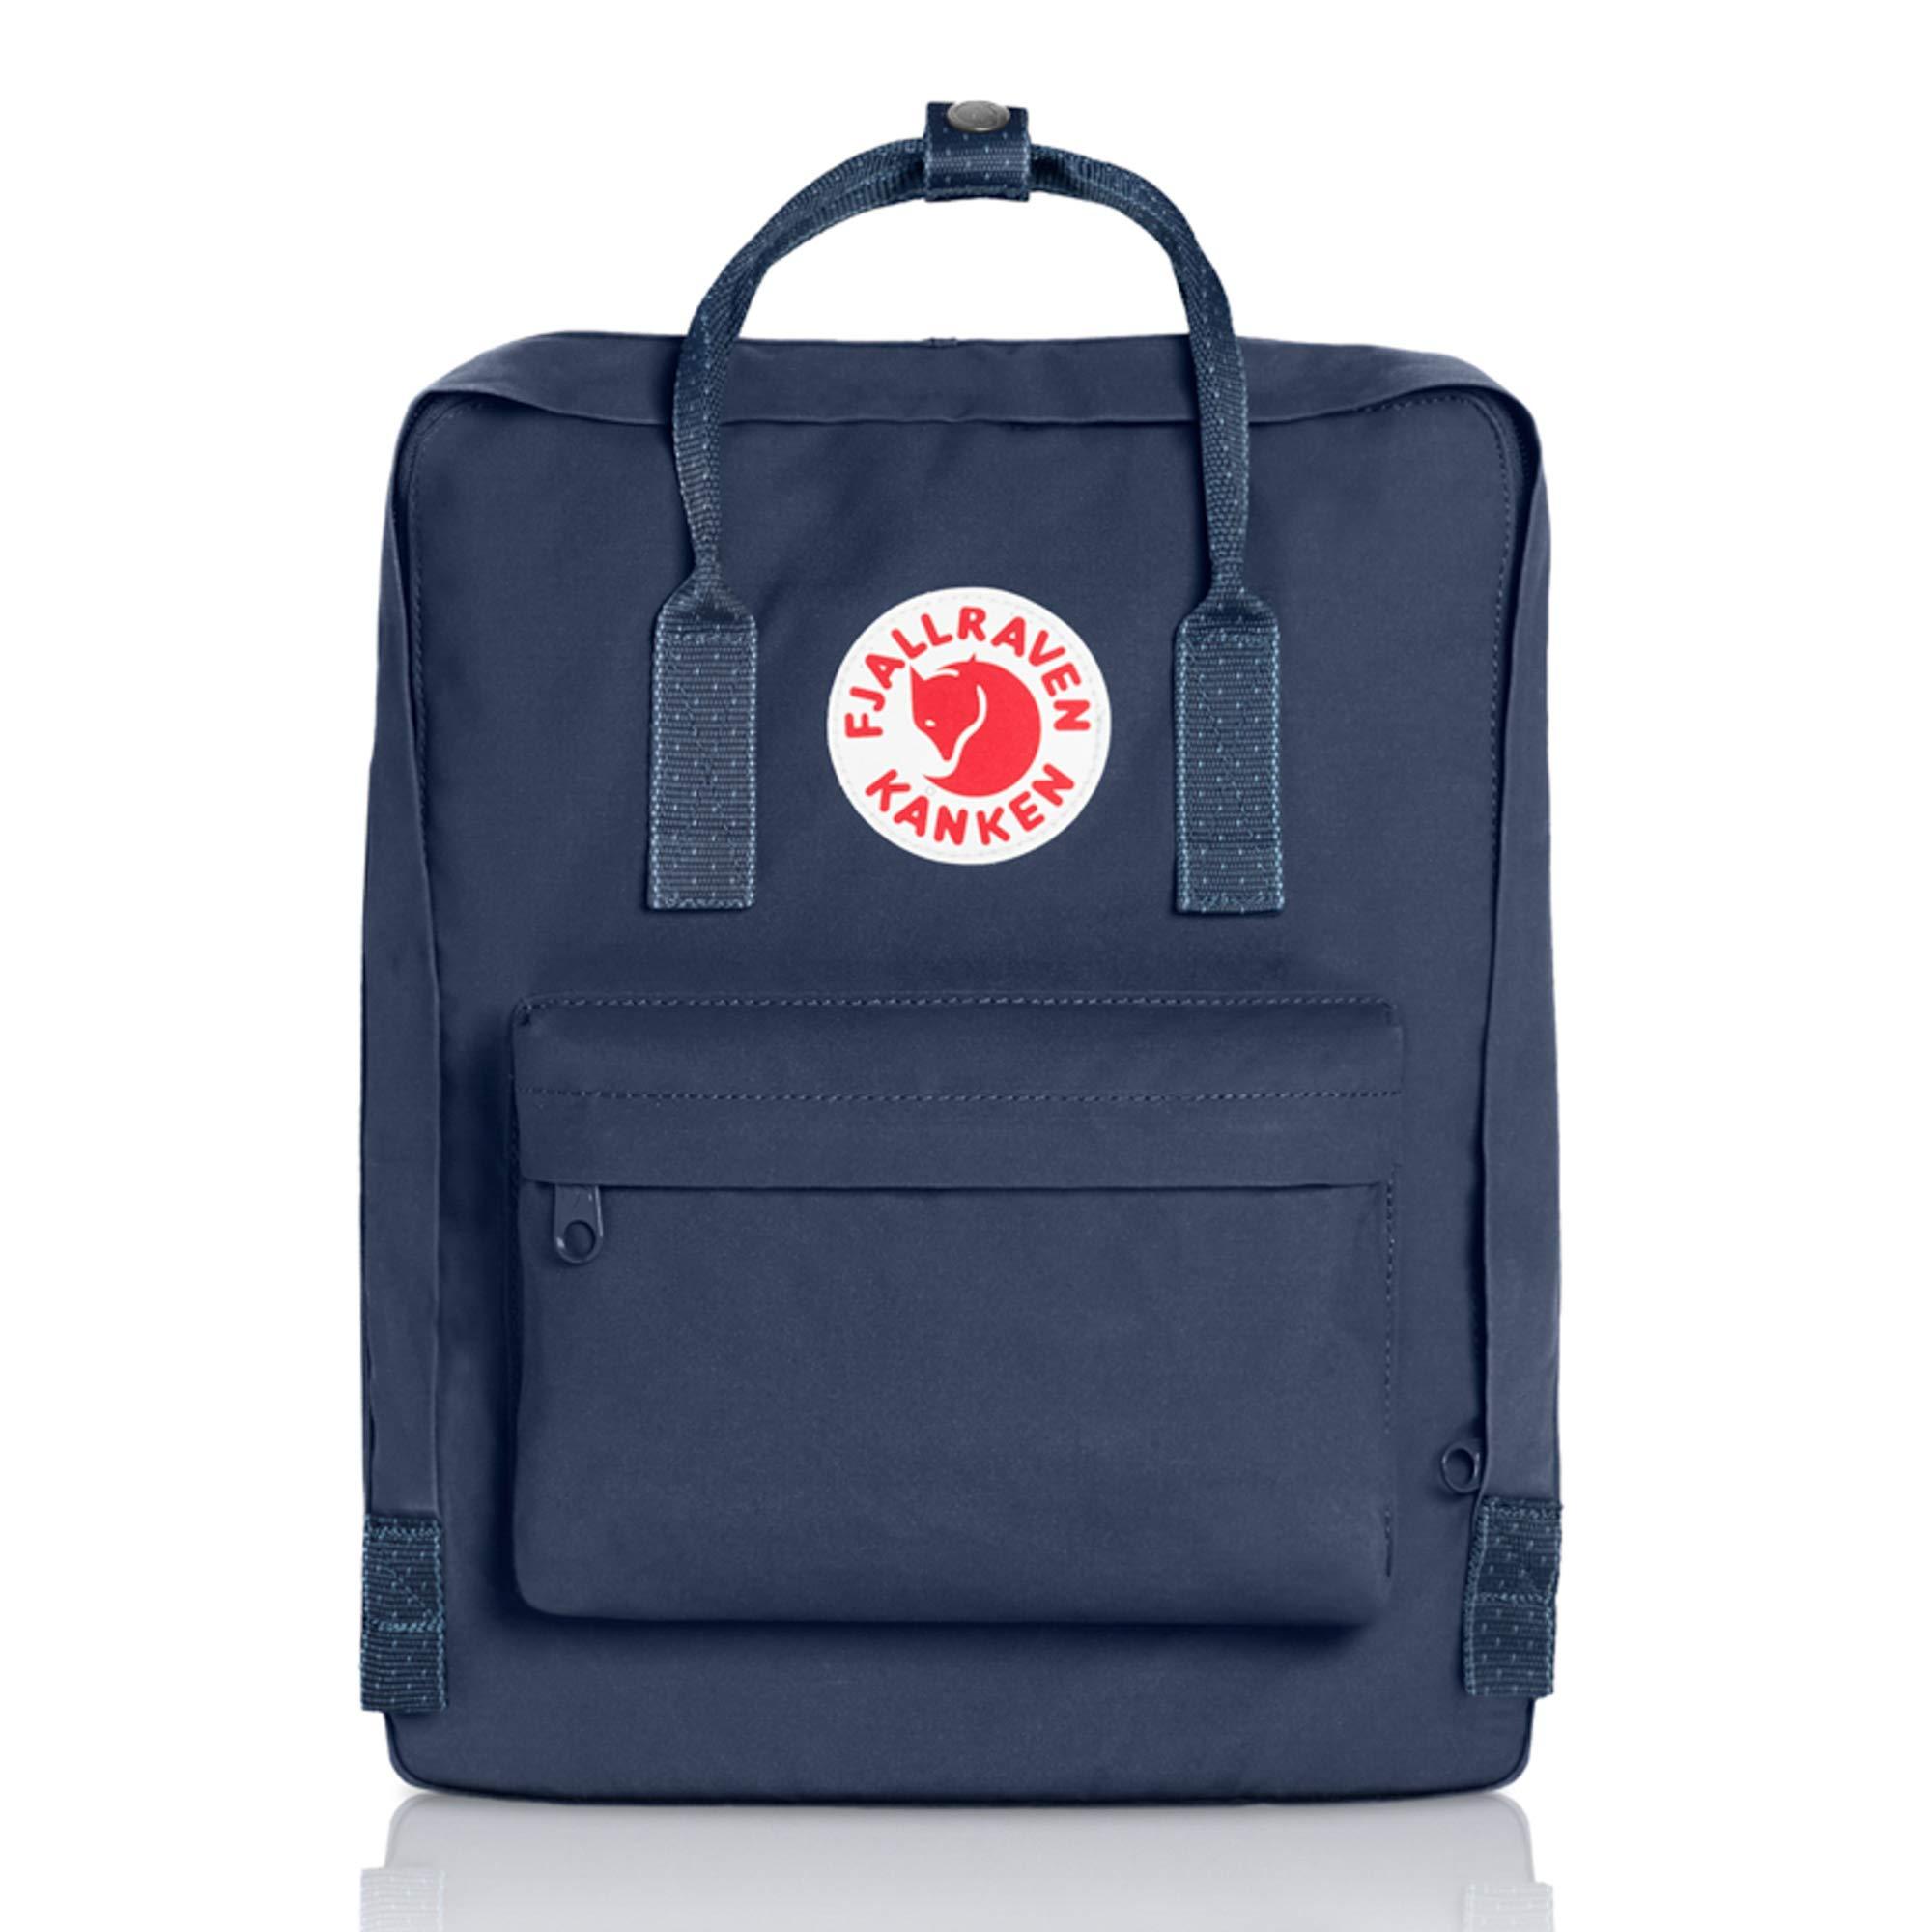 Fjallraven Men's Kanken Backpack, Royal Blue/Pinstripe, One Size by Fjallraven (Image #1)